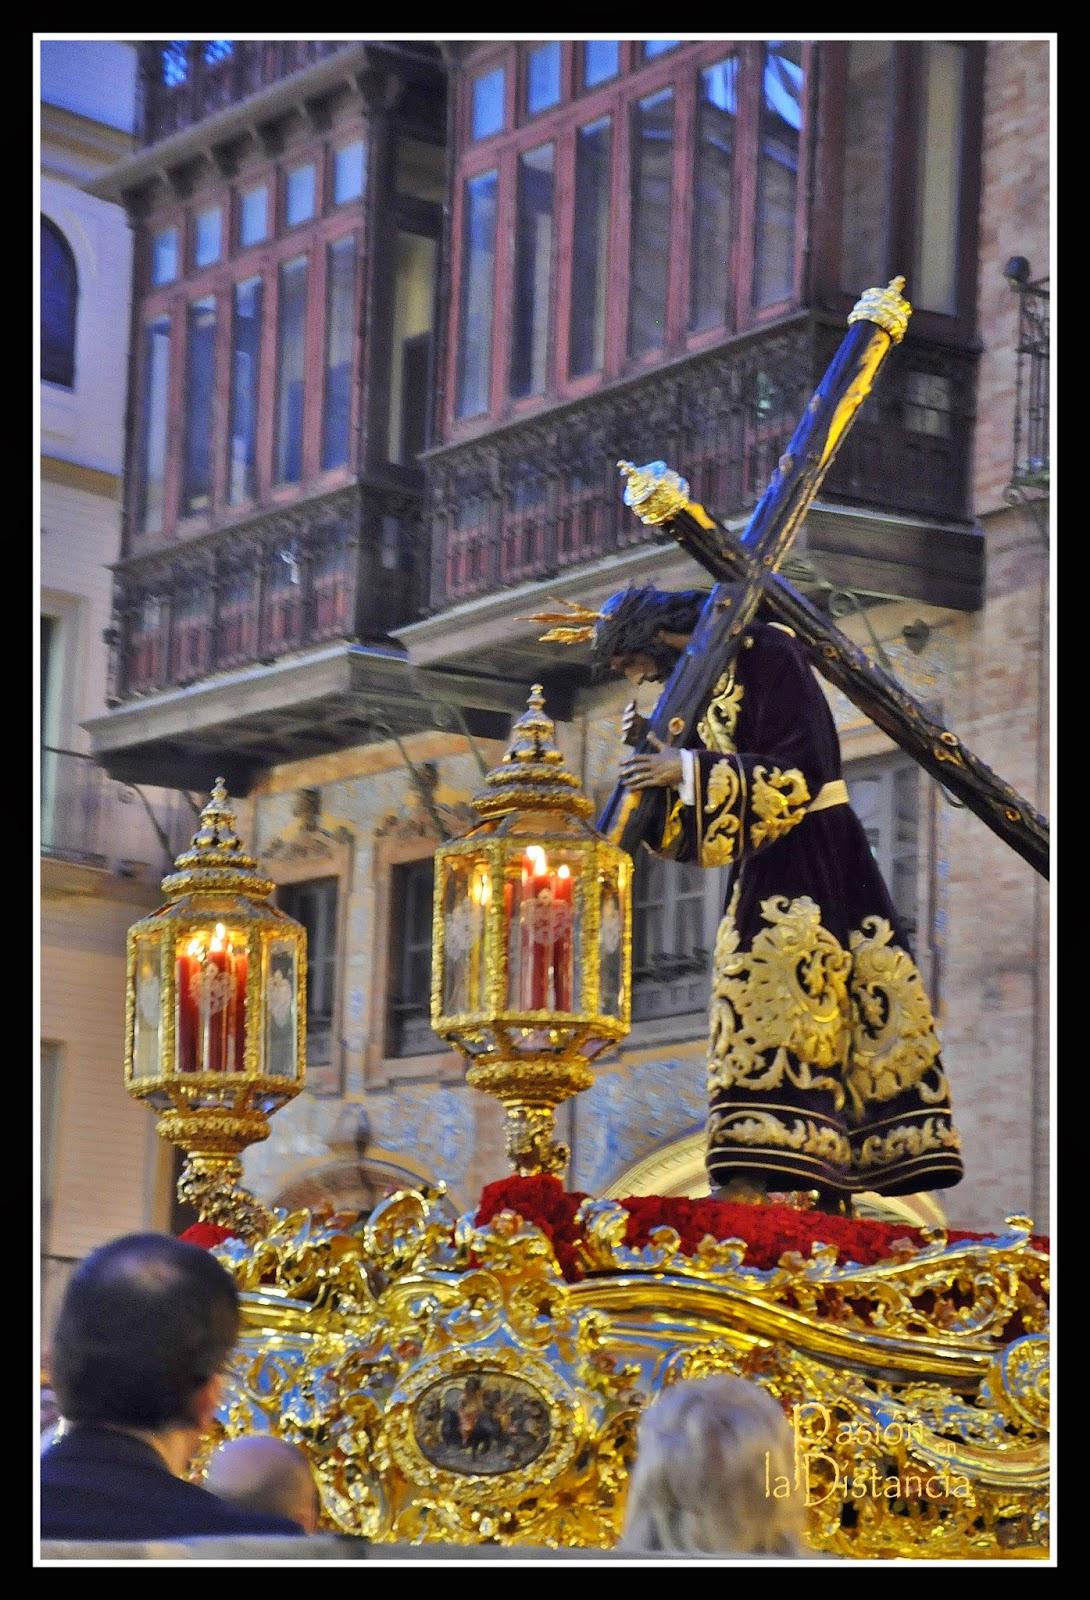 Señor-de-las-Penas-Sevilla